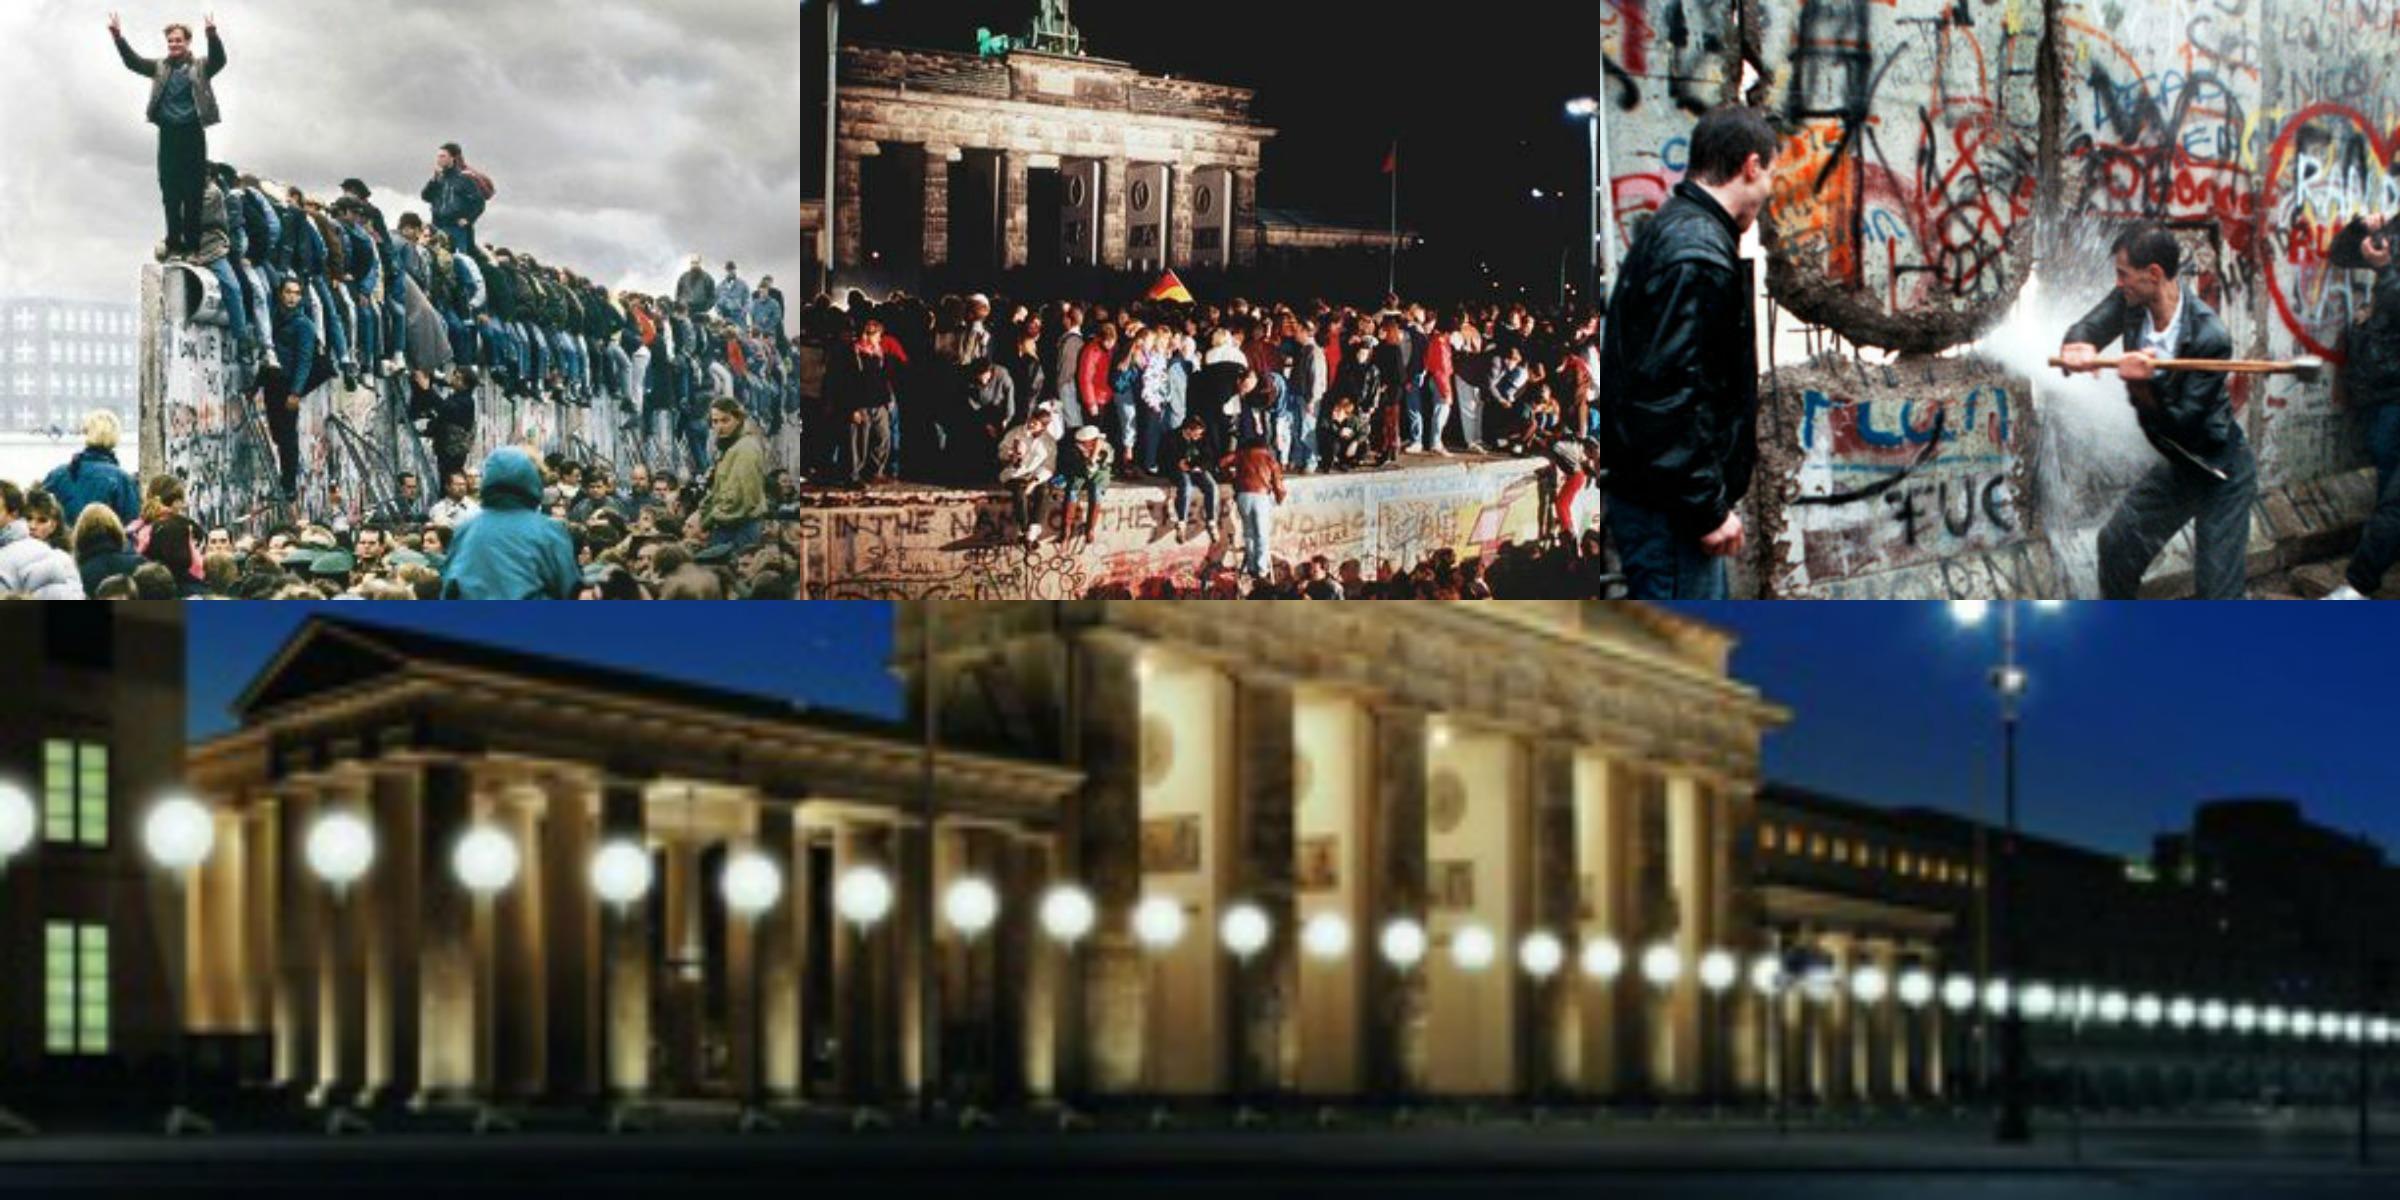 Berlino:25 anni dopo la caduta del Muro